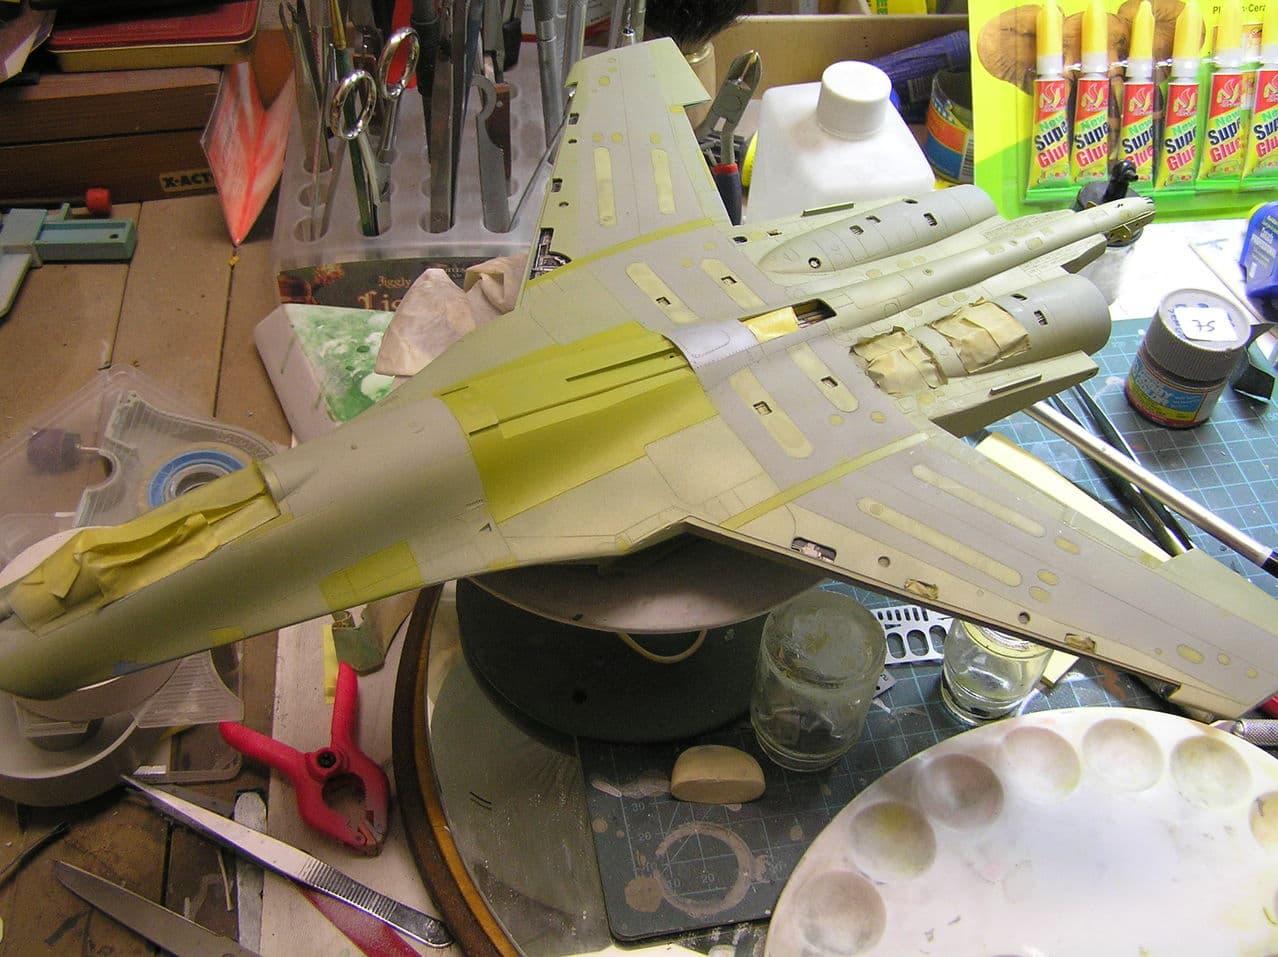 ...καπως ετσι αρχισαν ολα...Su-27  και τα μυαλα στα καγκελα... - Σελίδα 3 P1010170